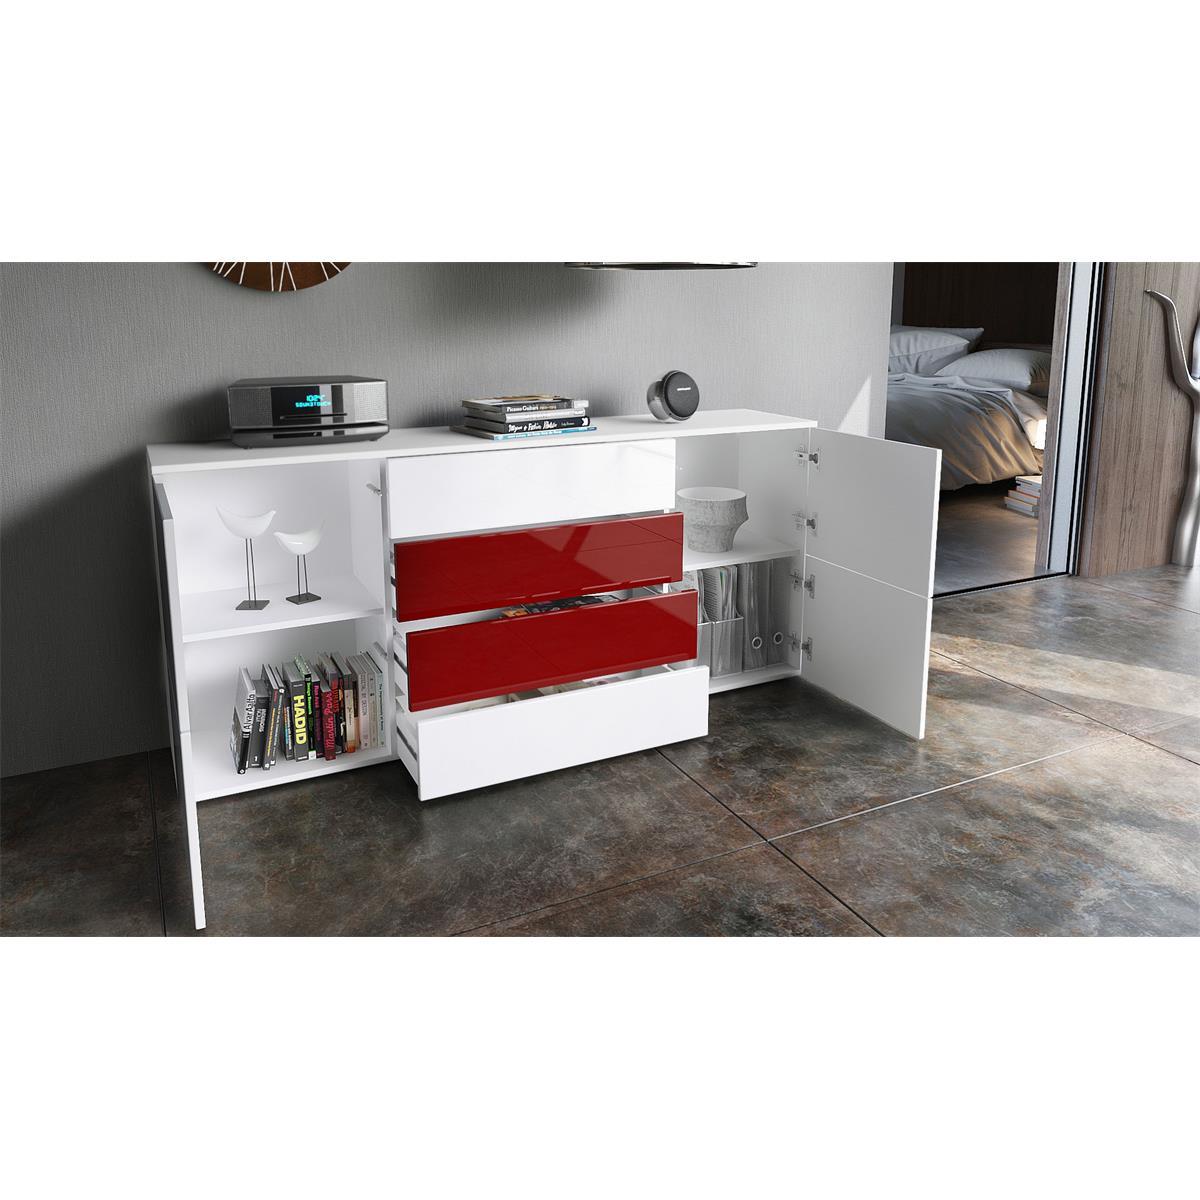 Sideboard rova mit 4 schubk sten und 2 f chern hinter 4 t ren for Farbmuster wohnzimmer